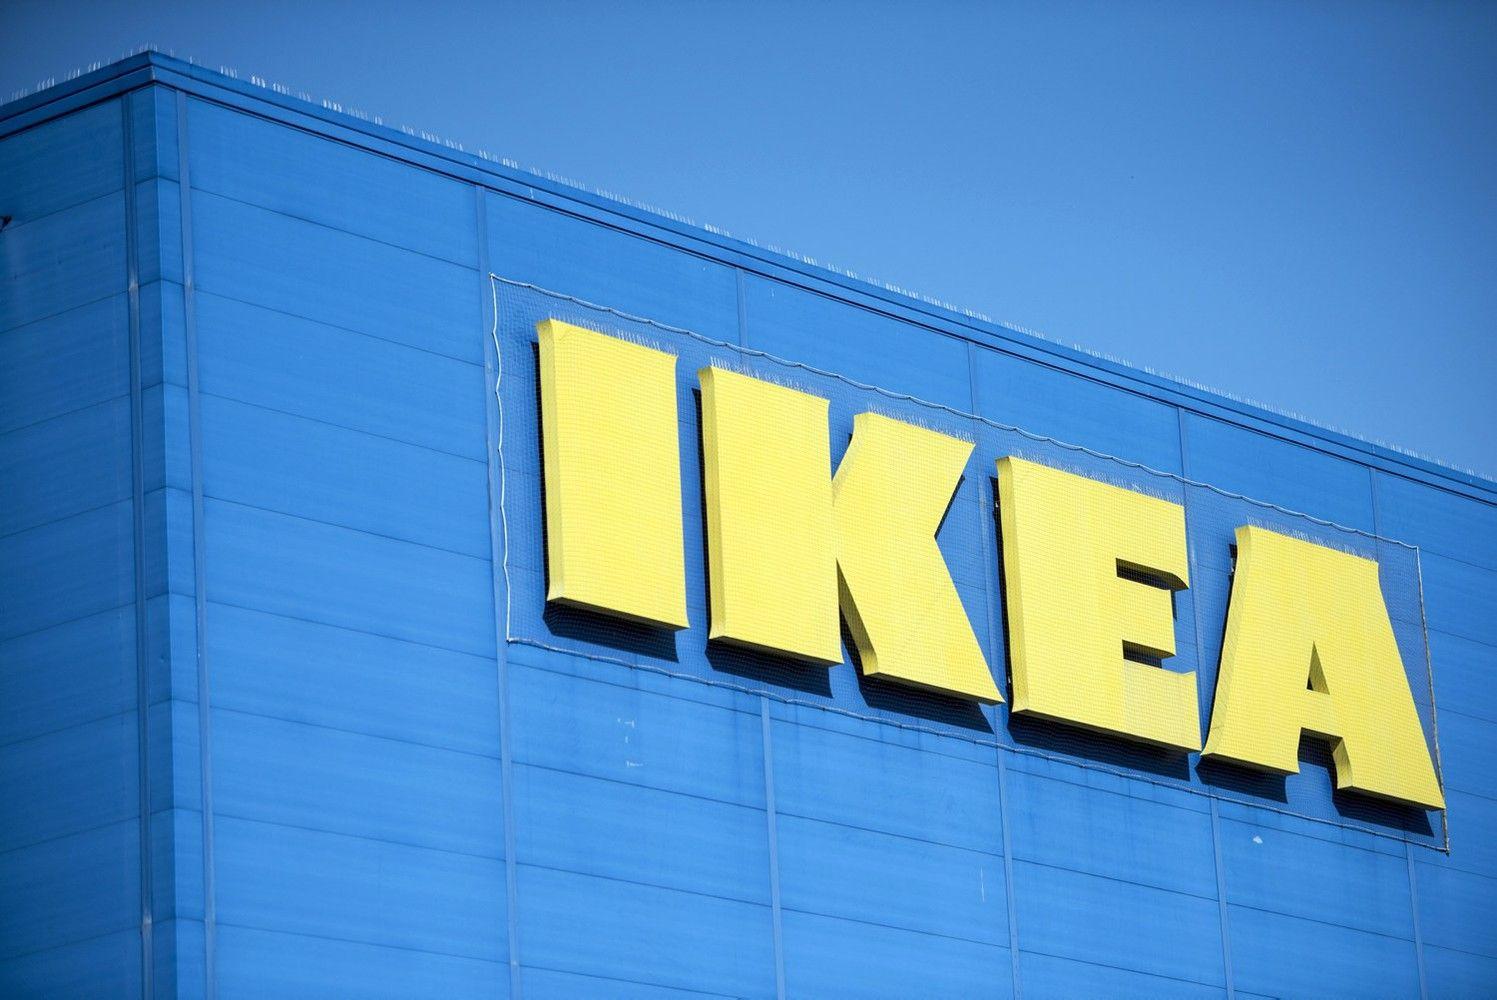 Švedijos milžinė IKEA atidarys parduotuvę Estijoje